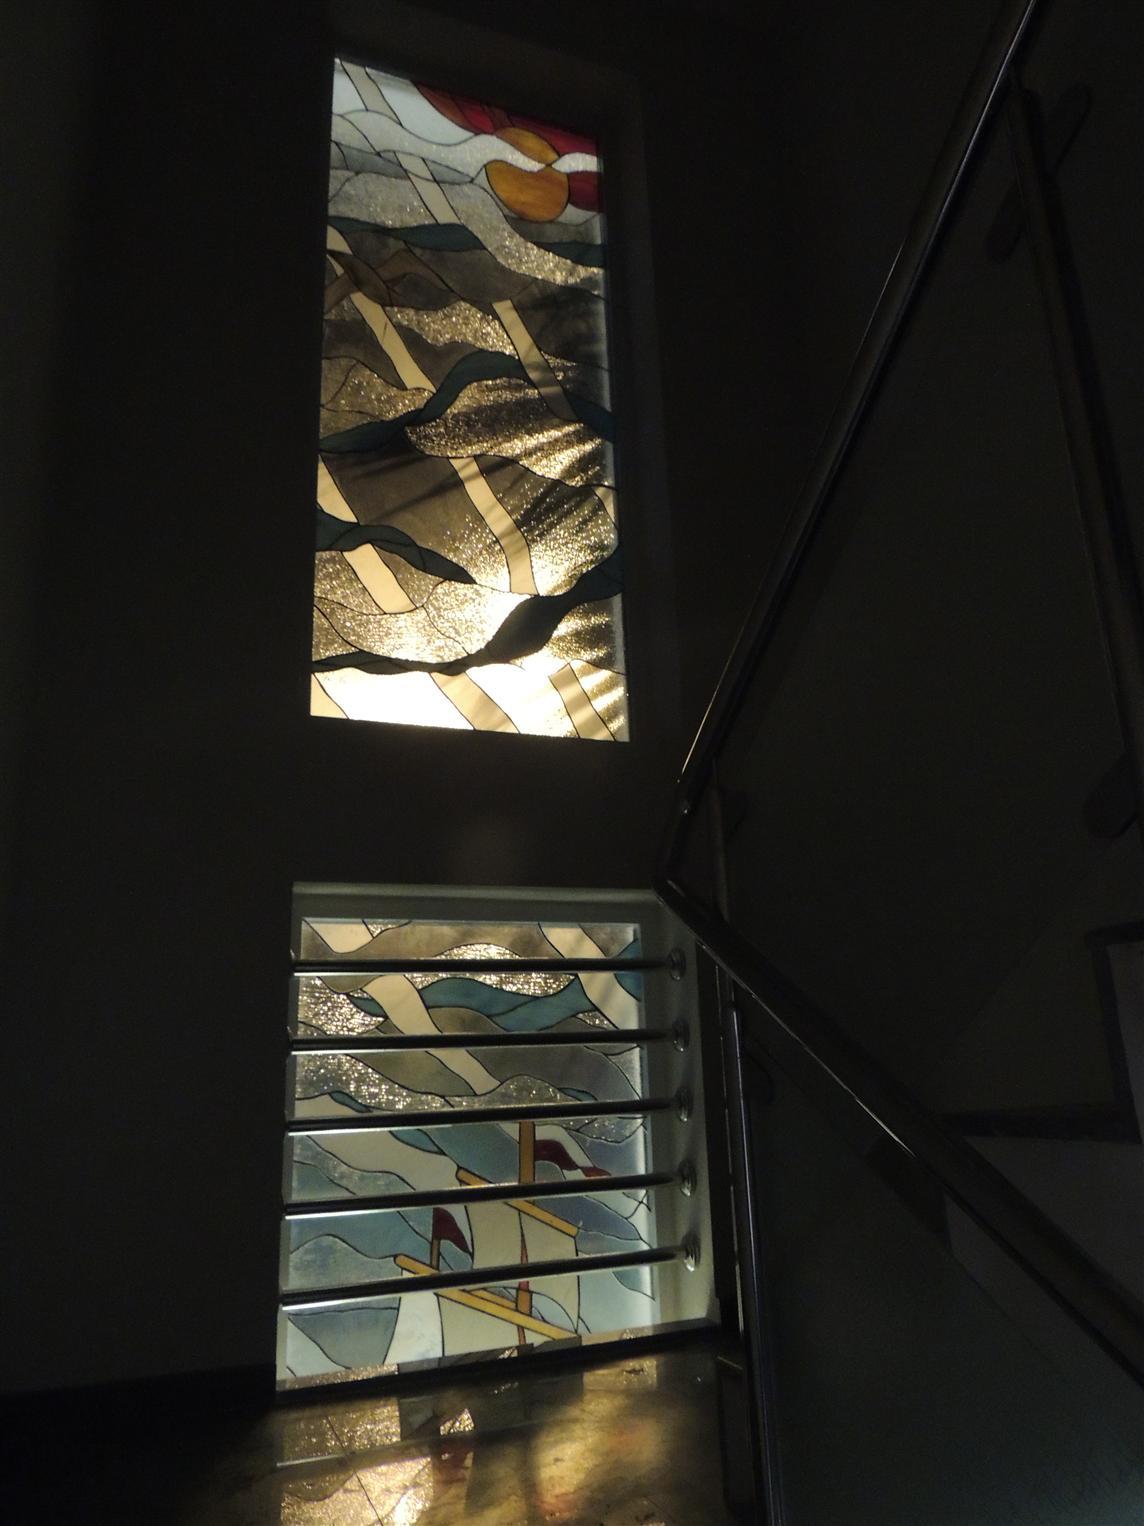 izka-insaat-life-port-evleri2015921164922384.jpg izmir vitray çalışması